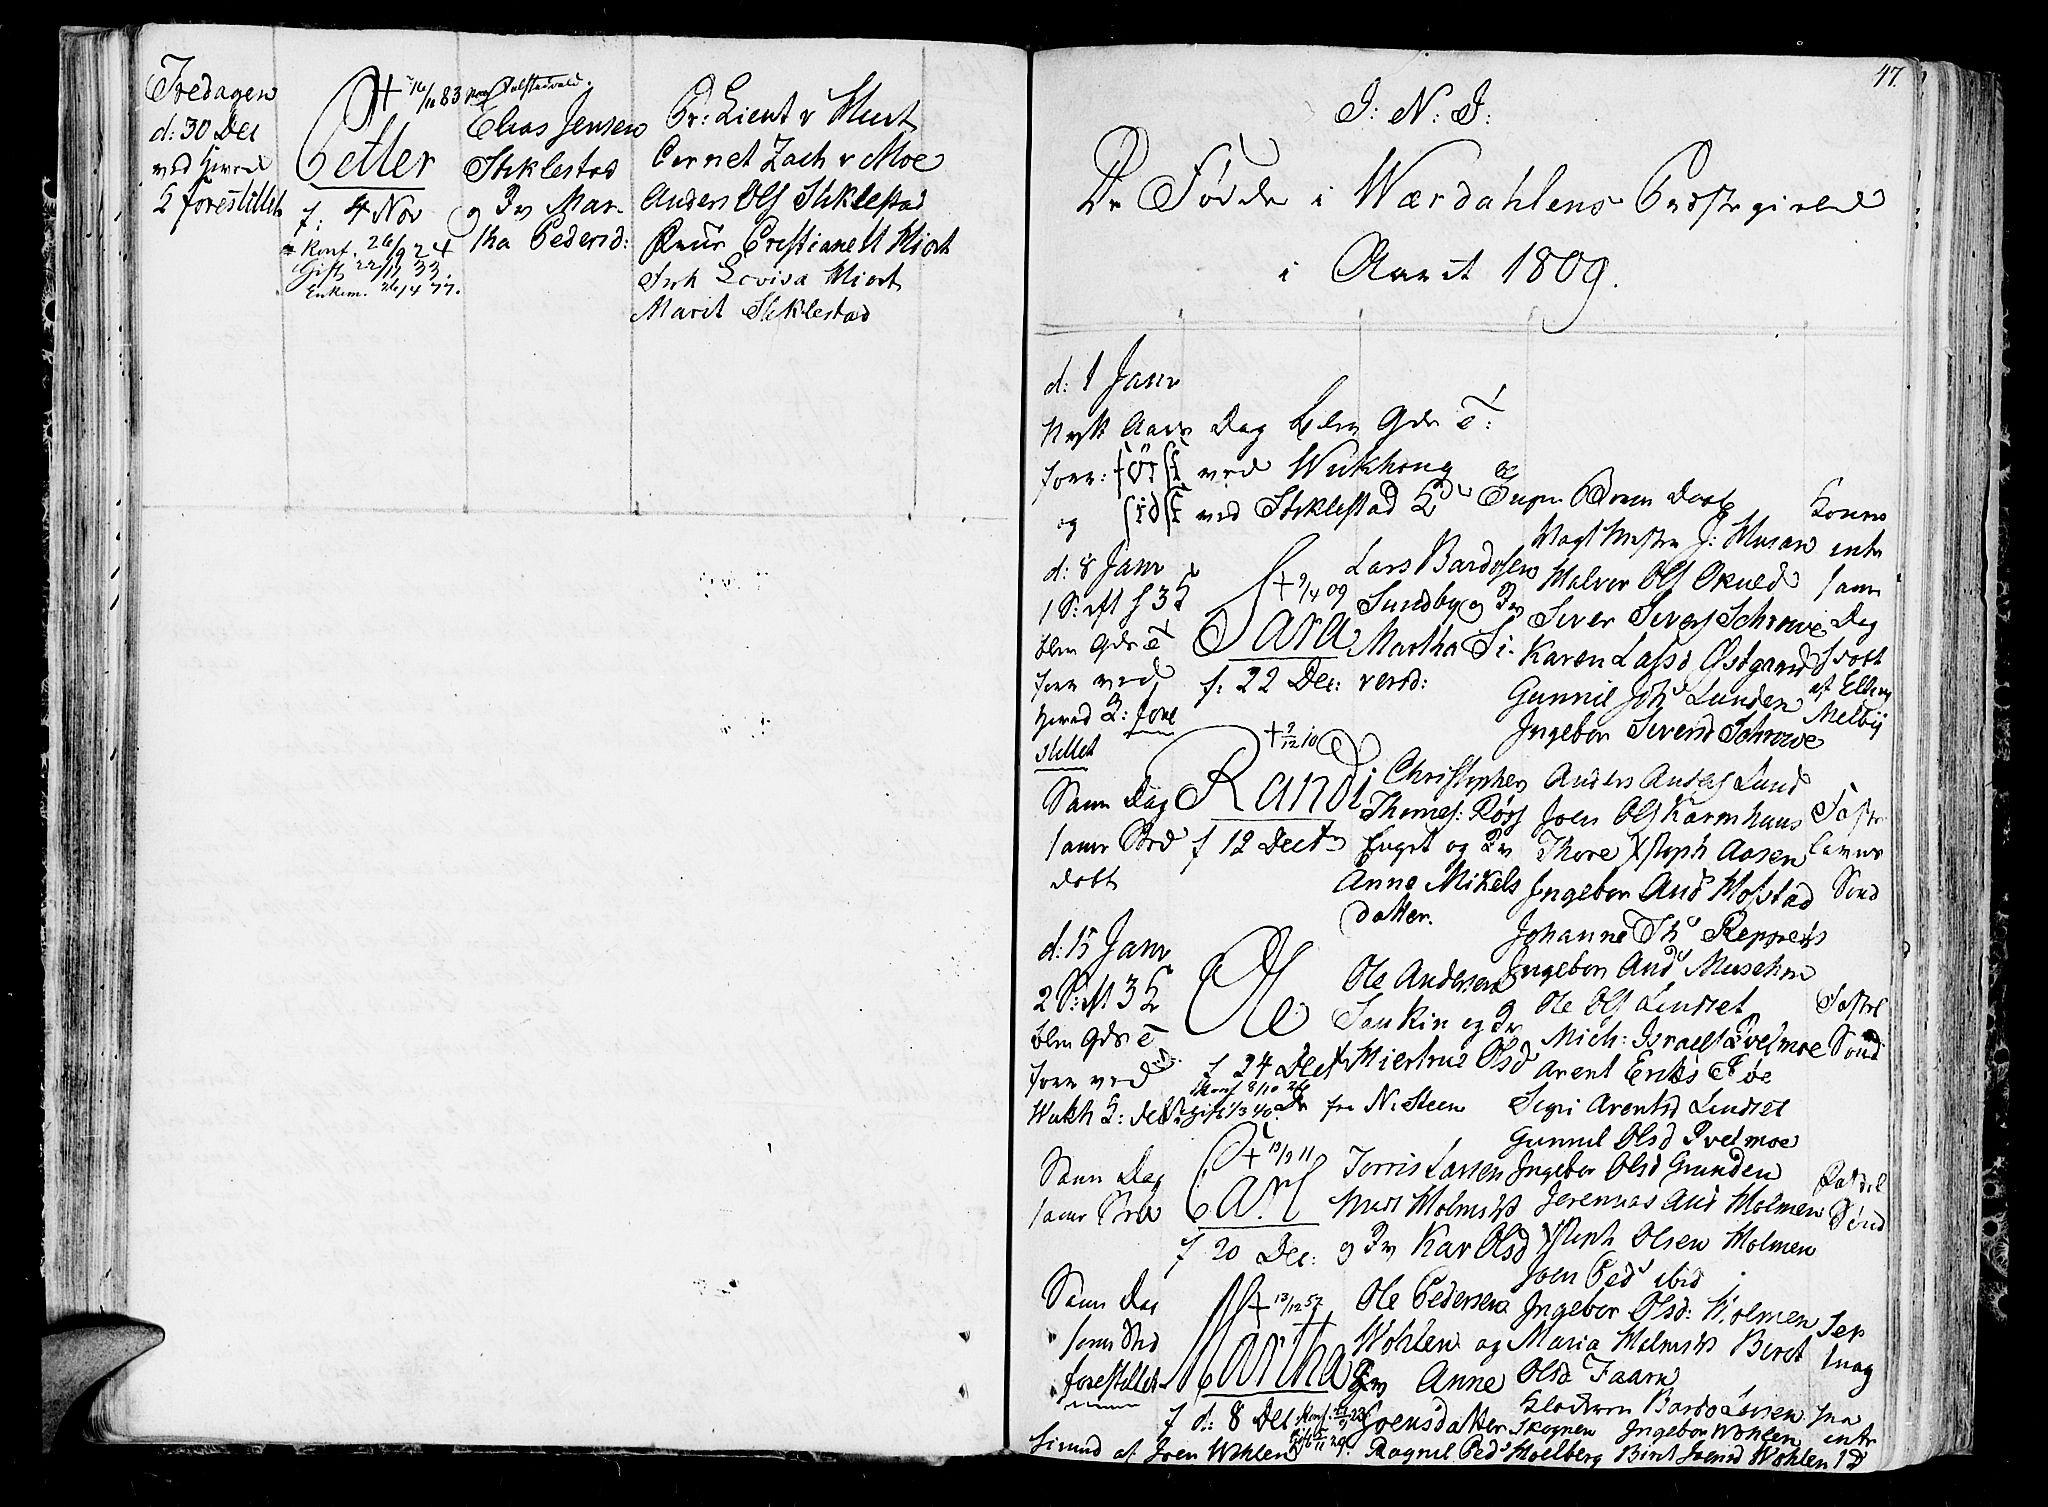 SAT, Ministerialprotokoller, klokkerbøker og fødselsregistre - Nord-Trøndelag, 723/L0233: Ministerialbok nr. 723A04, 1805-1816, s. 47